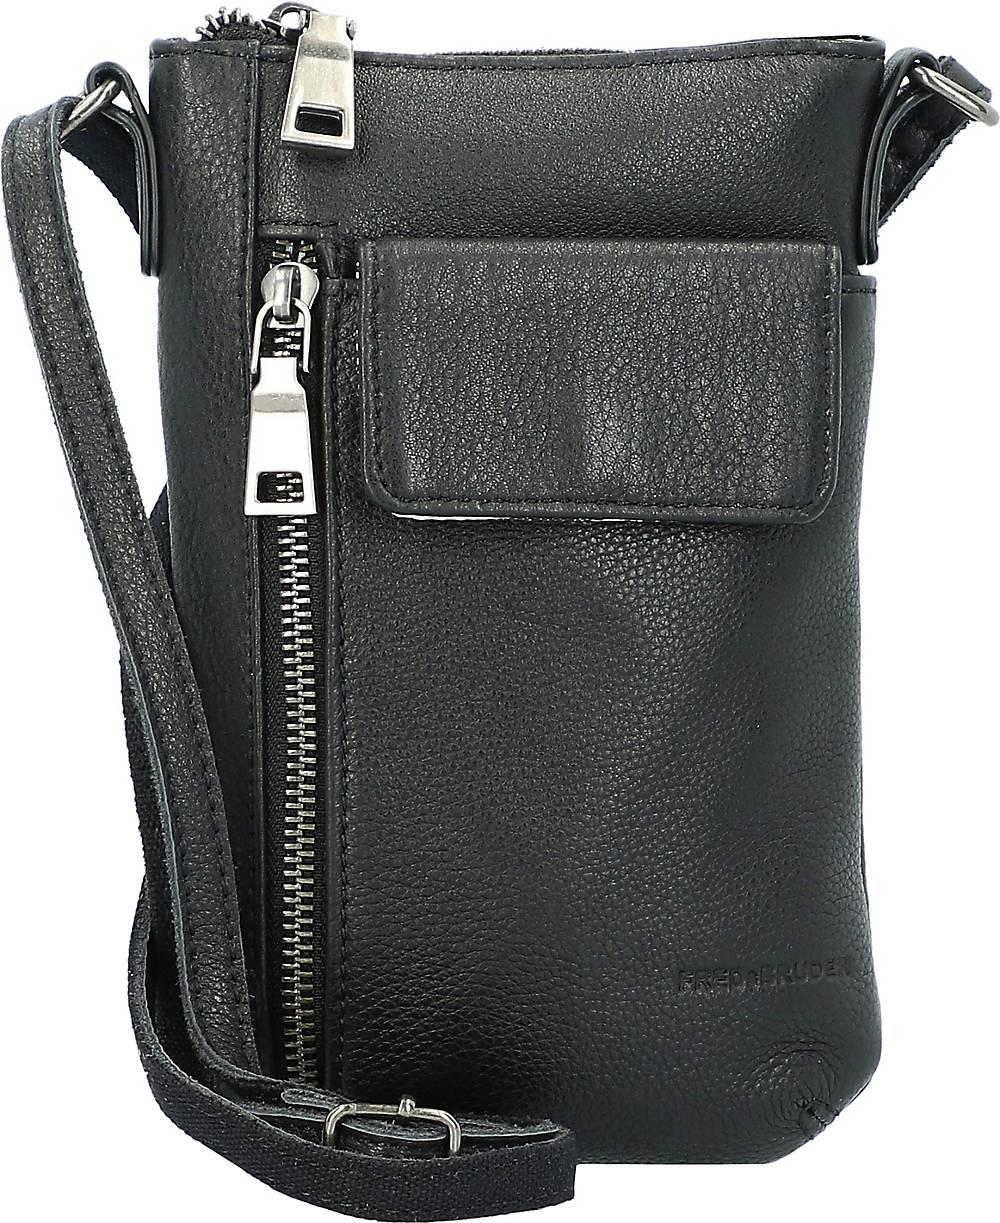 FREDsBRUDER, Mobili Handytasche Leder 14 Cm in schwarz, Handyhüllen & Zubehör für Damen